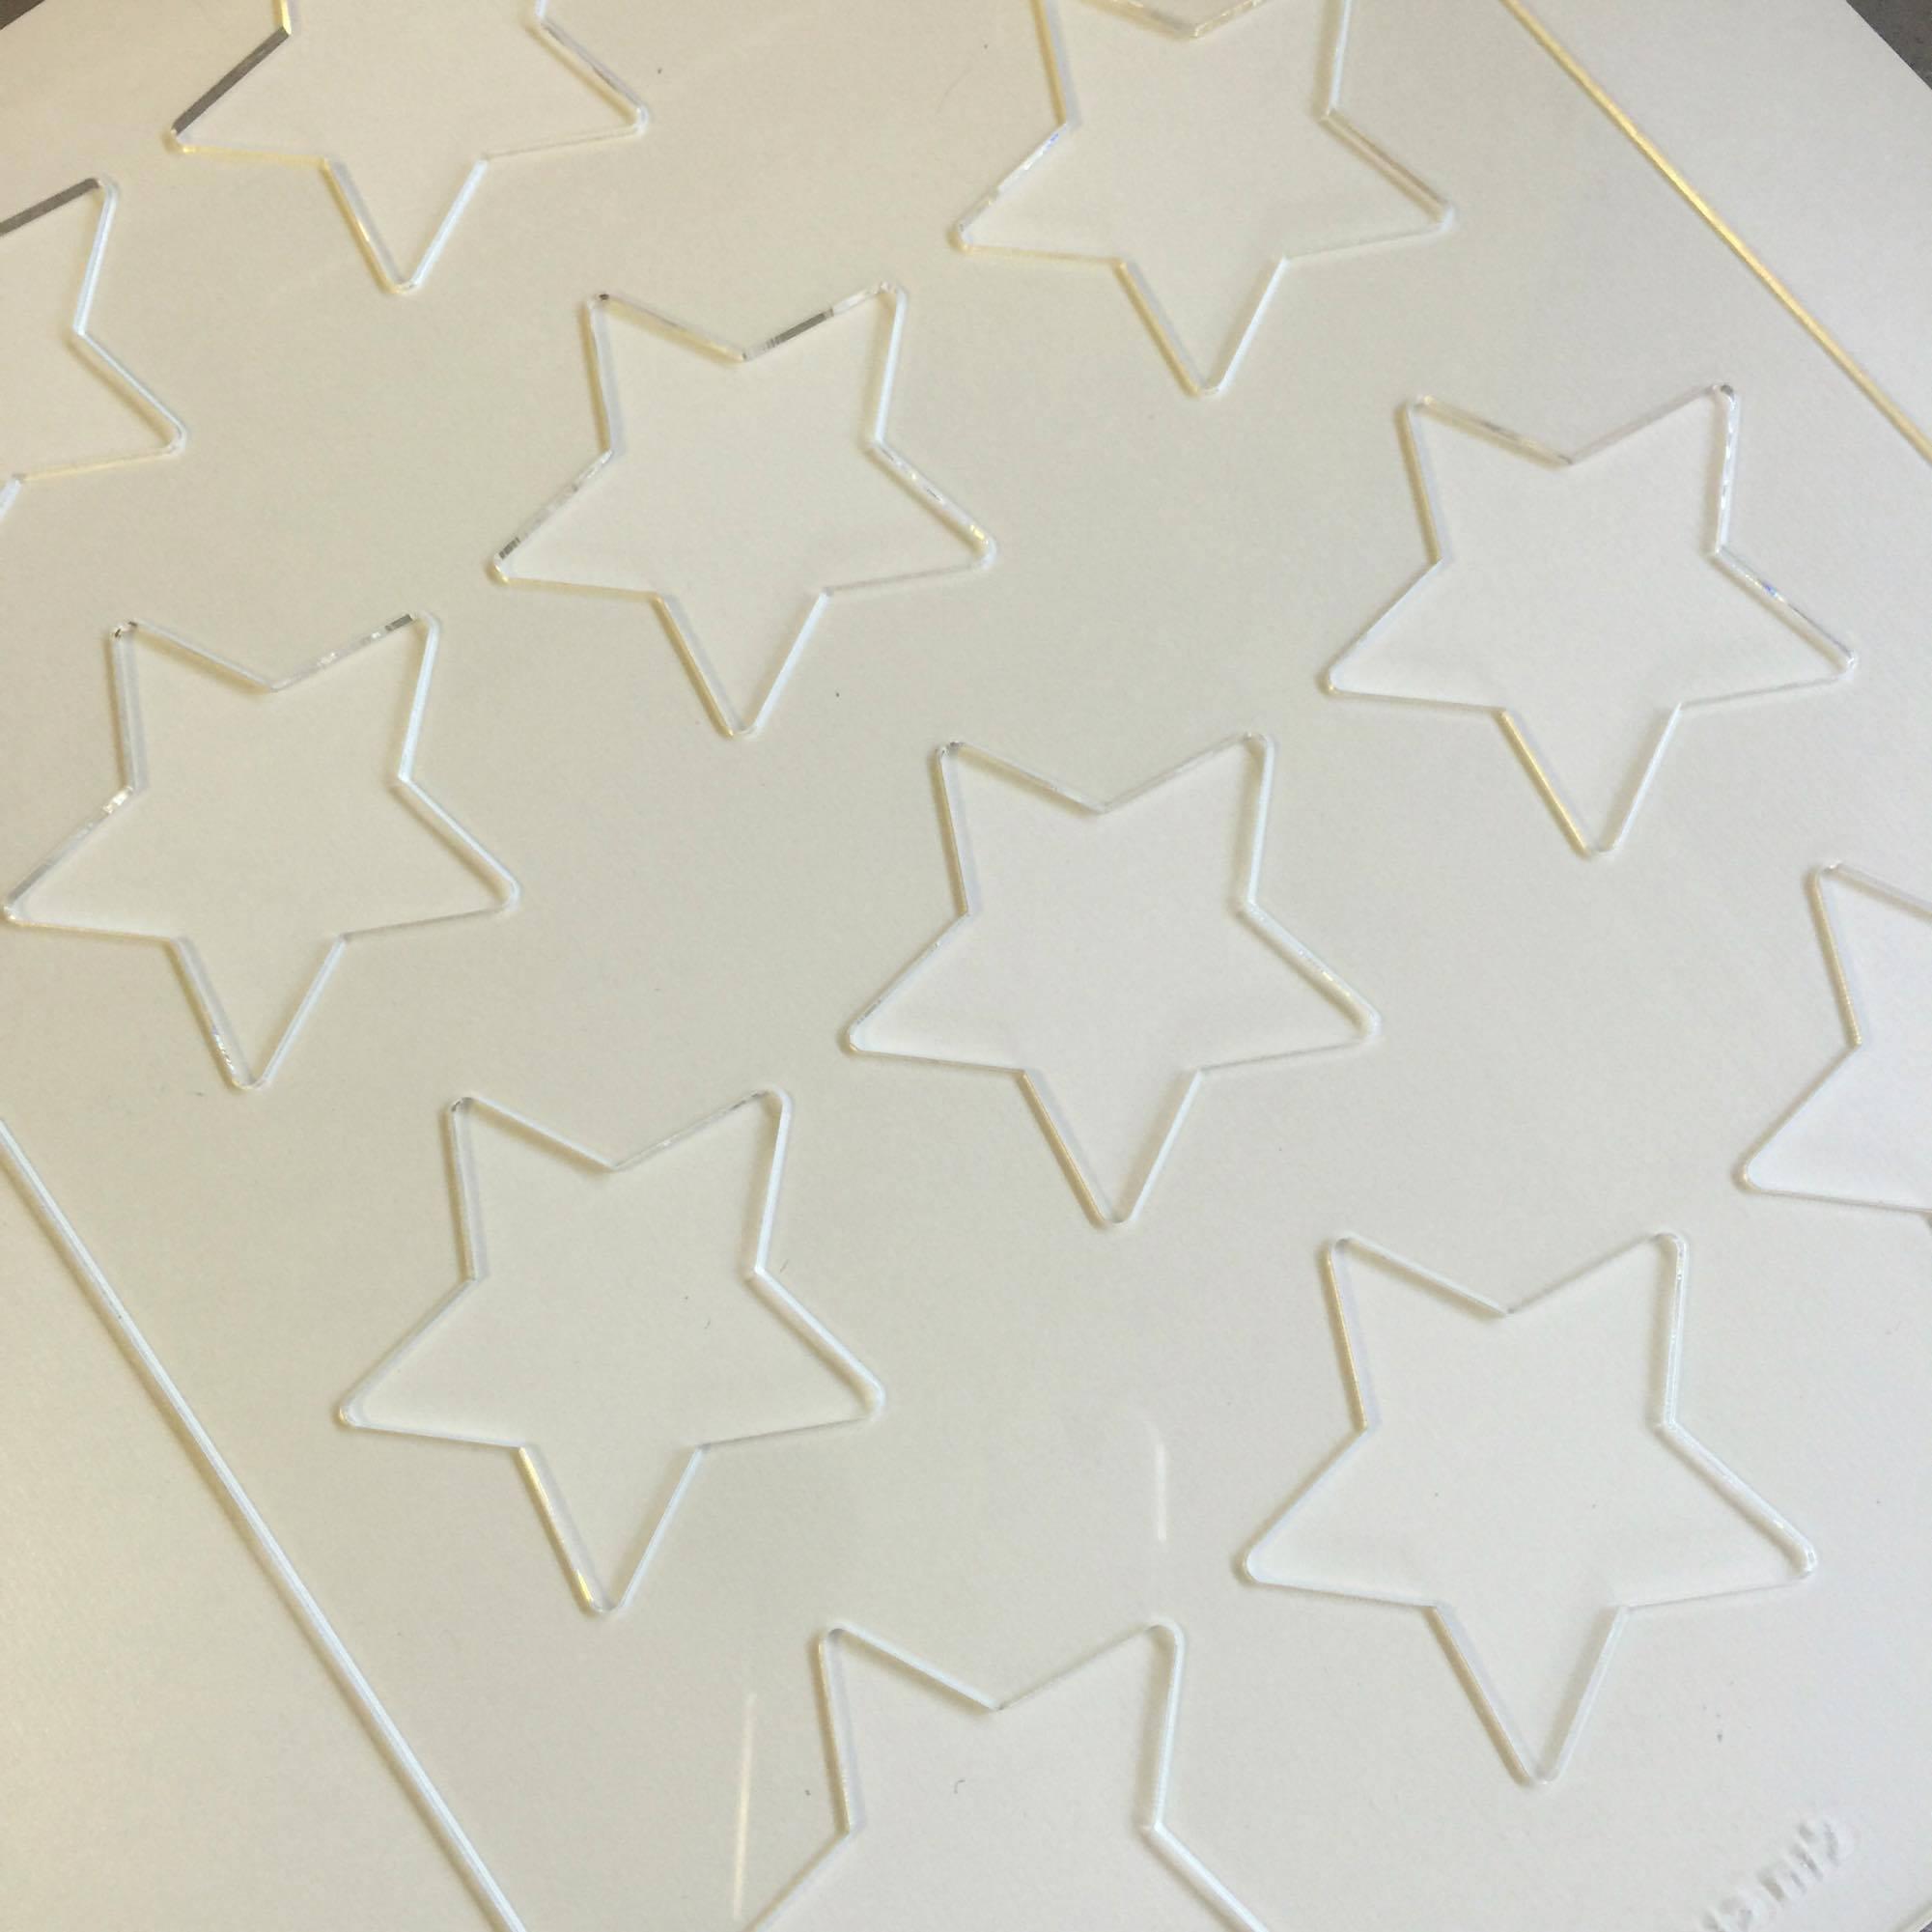 לוח כוכבים - ליצירה בשוקולד